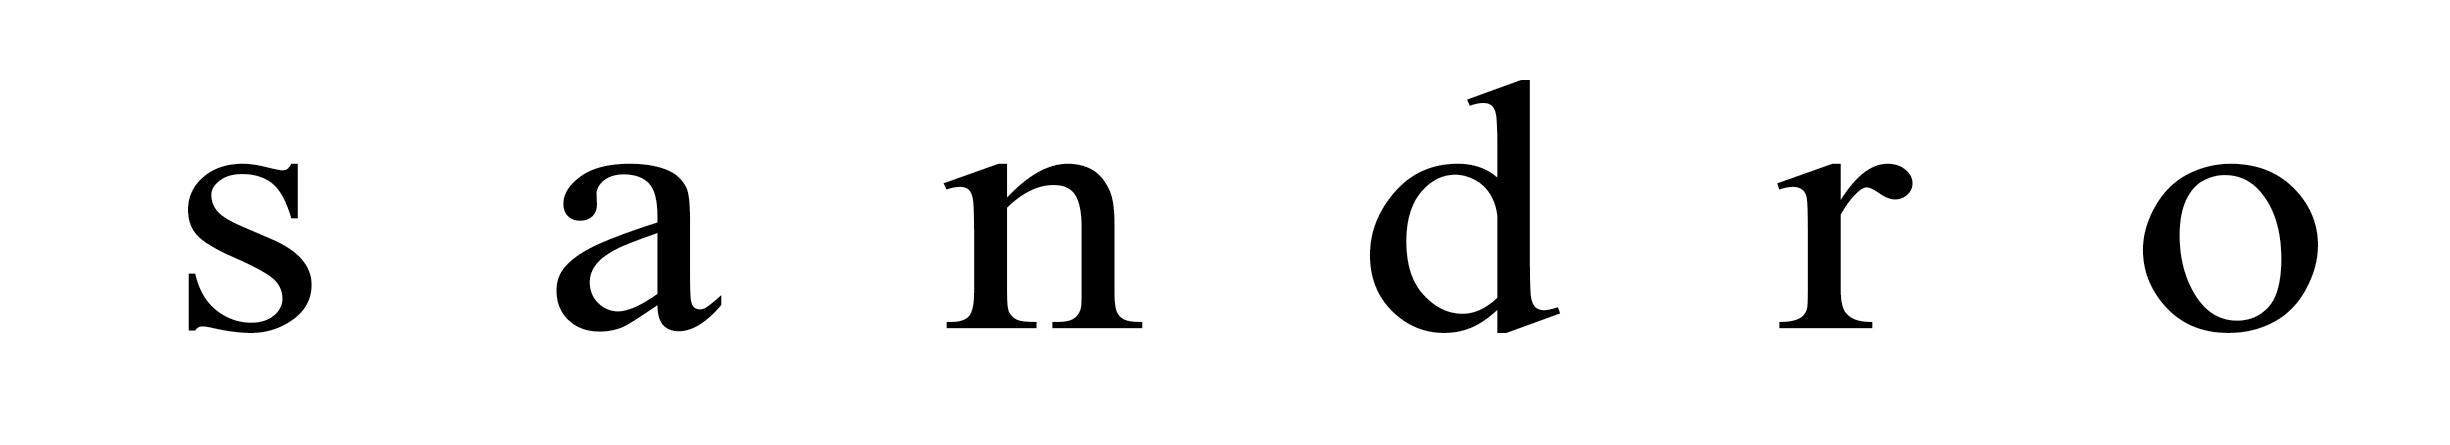 Sandro Logos Download